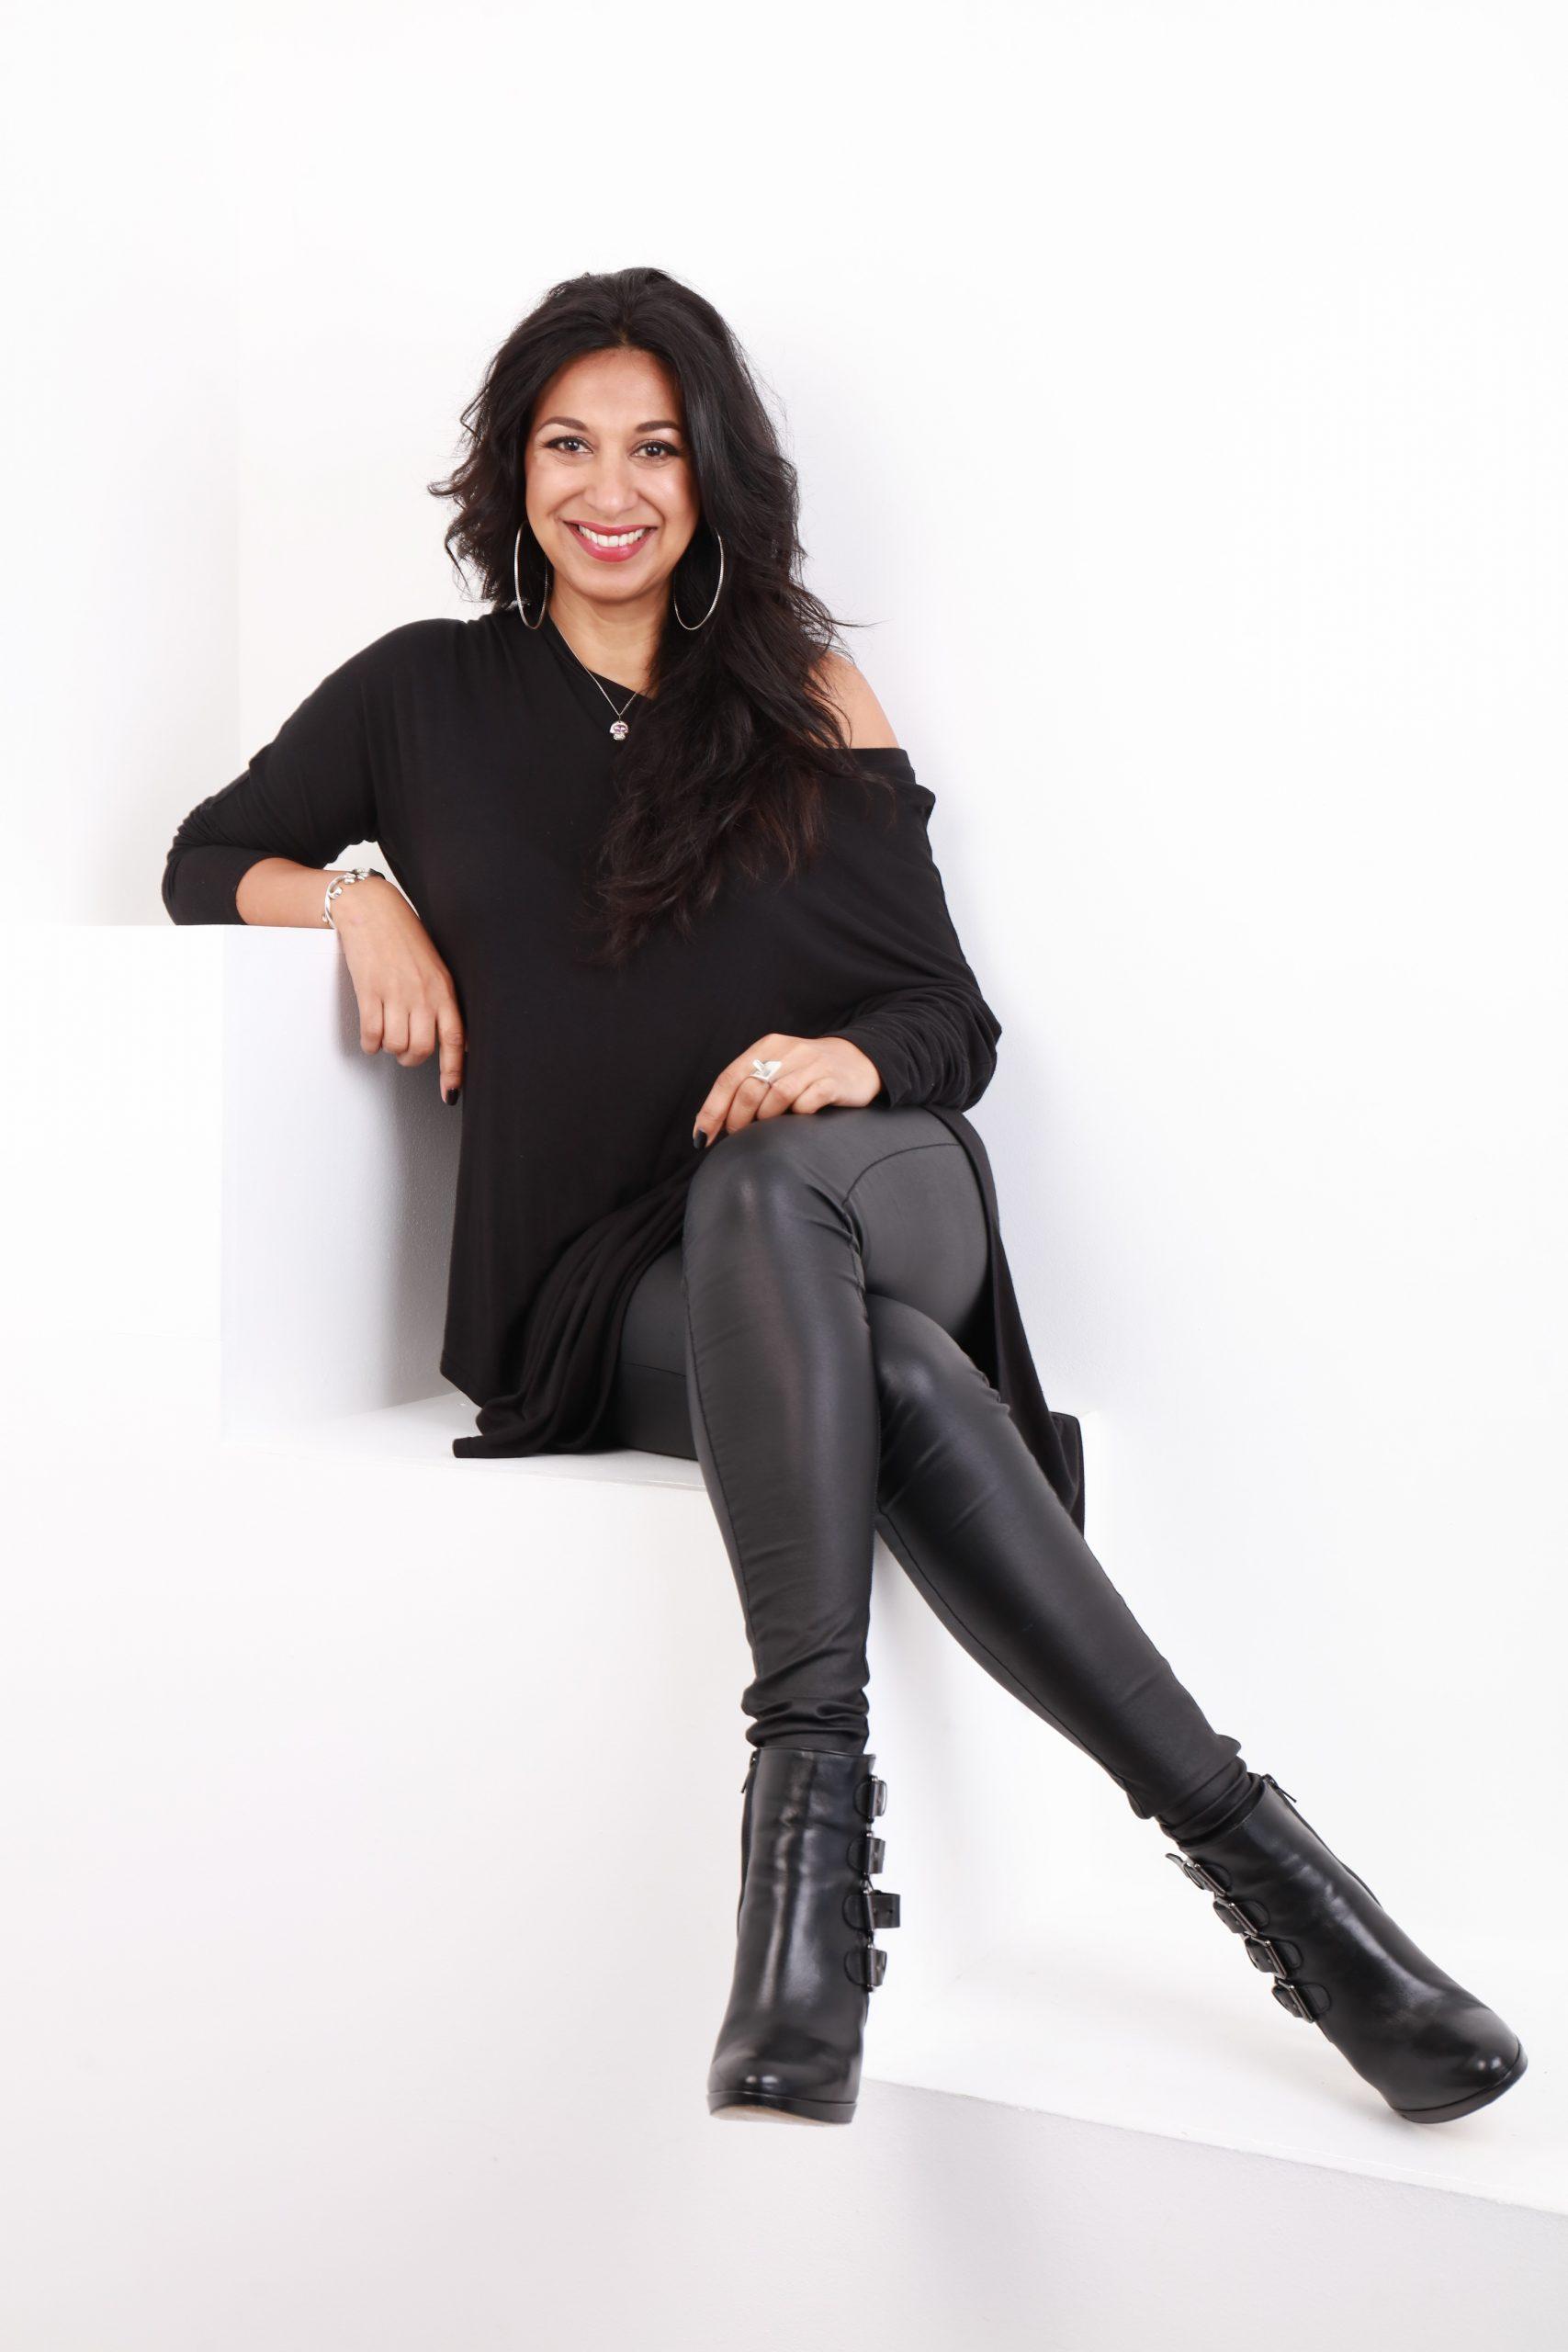 Sarah Shafi